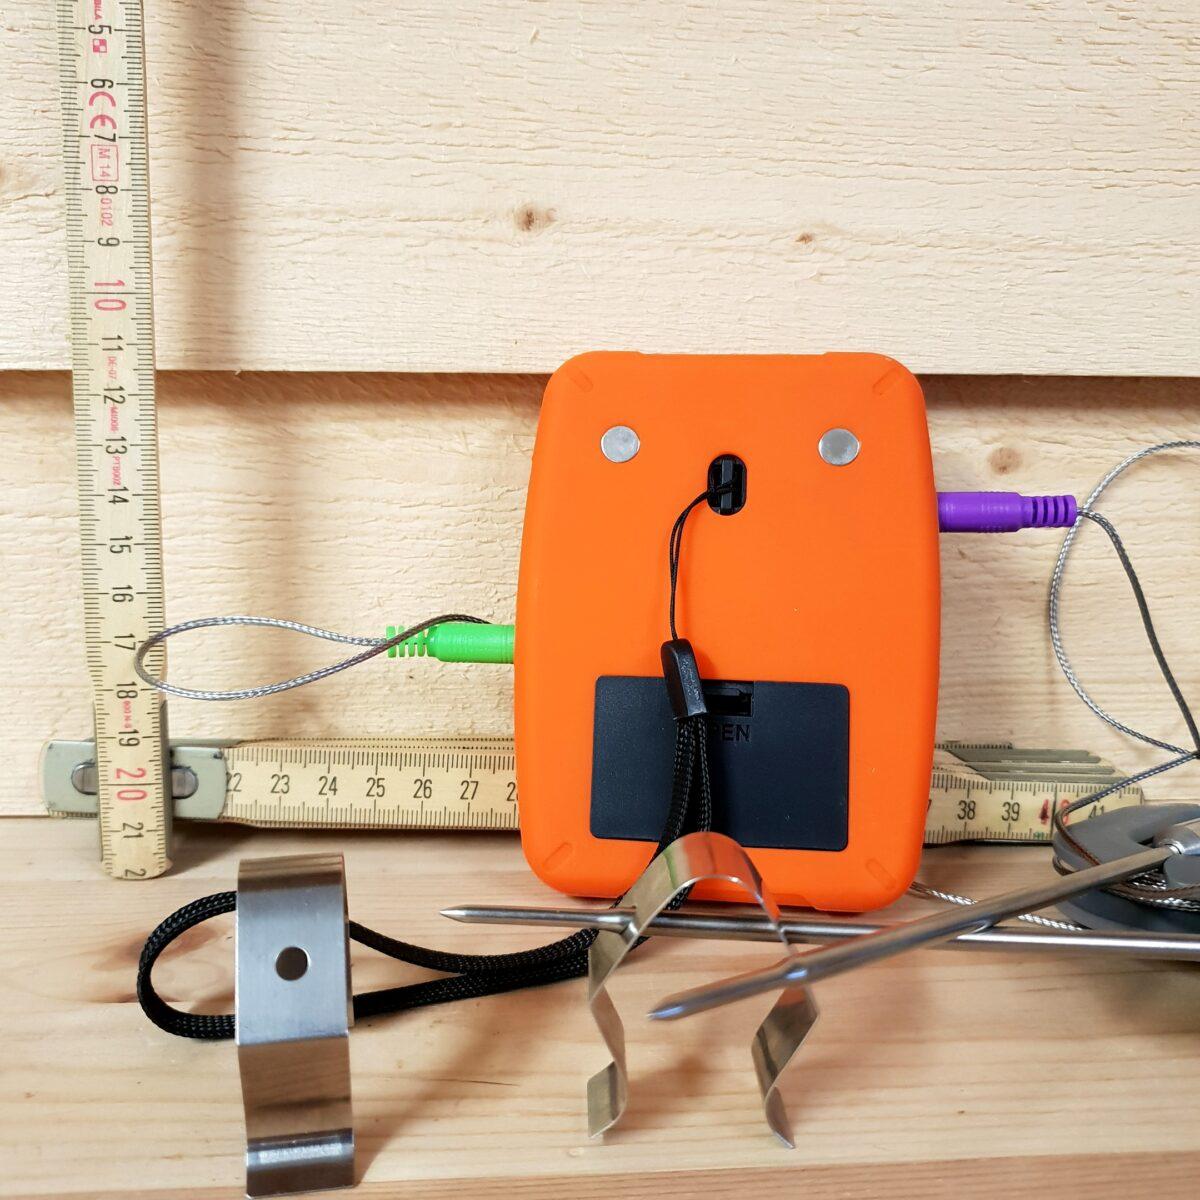 Trådlös termometer med lång räckvidd. Perfekt för BBQ och grillning. Har  ingång för upp e2d597c744fd8